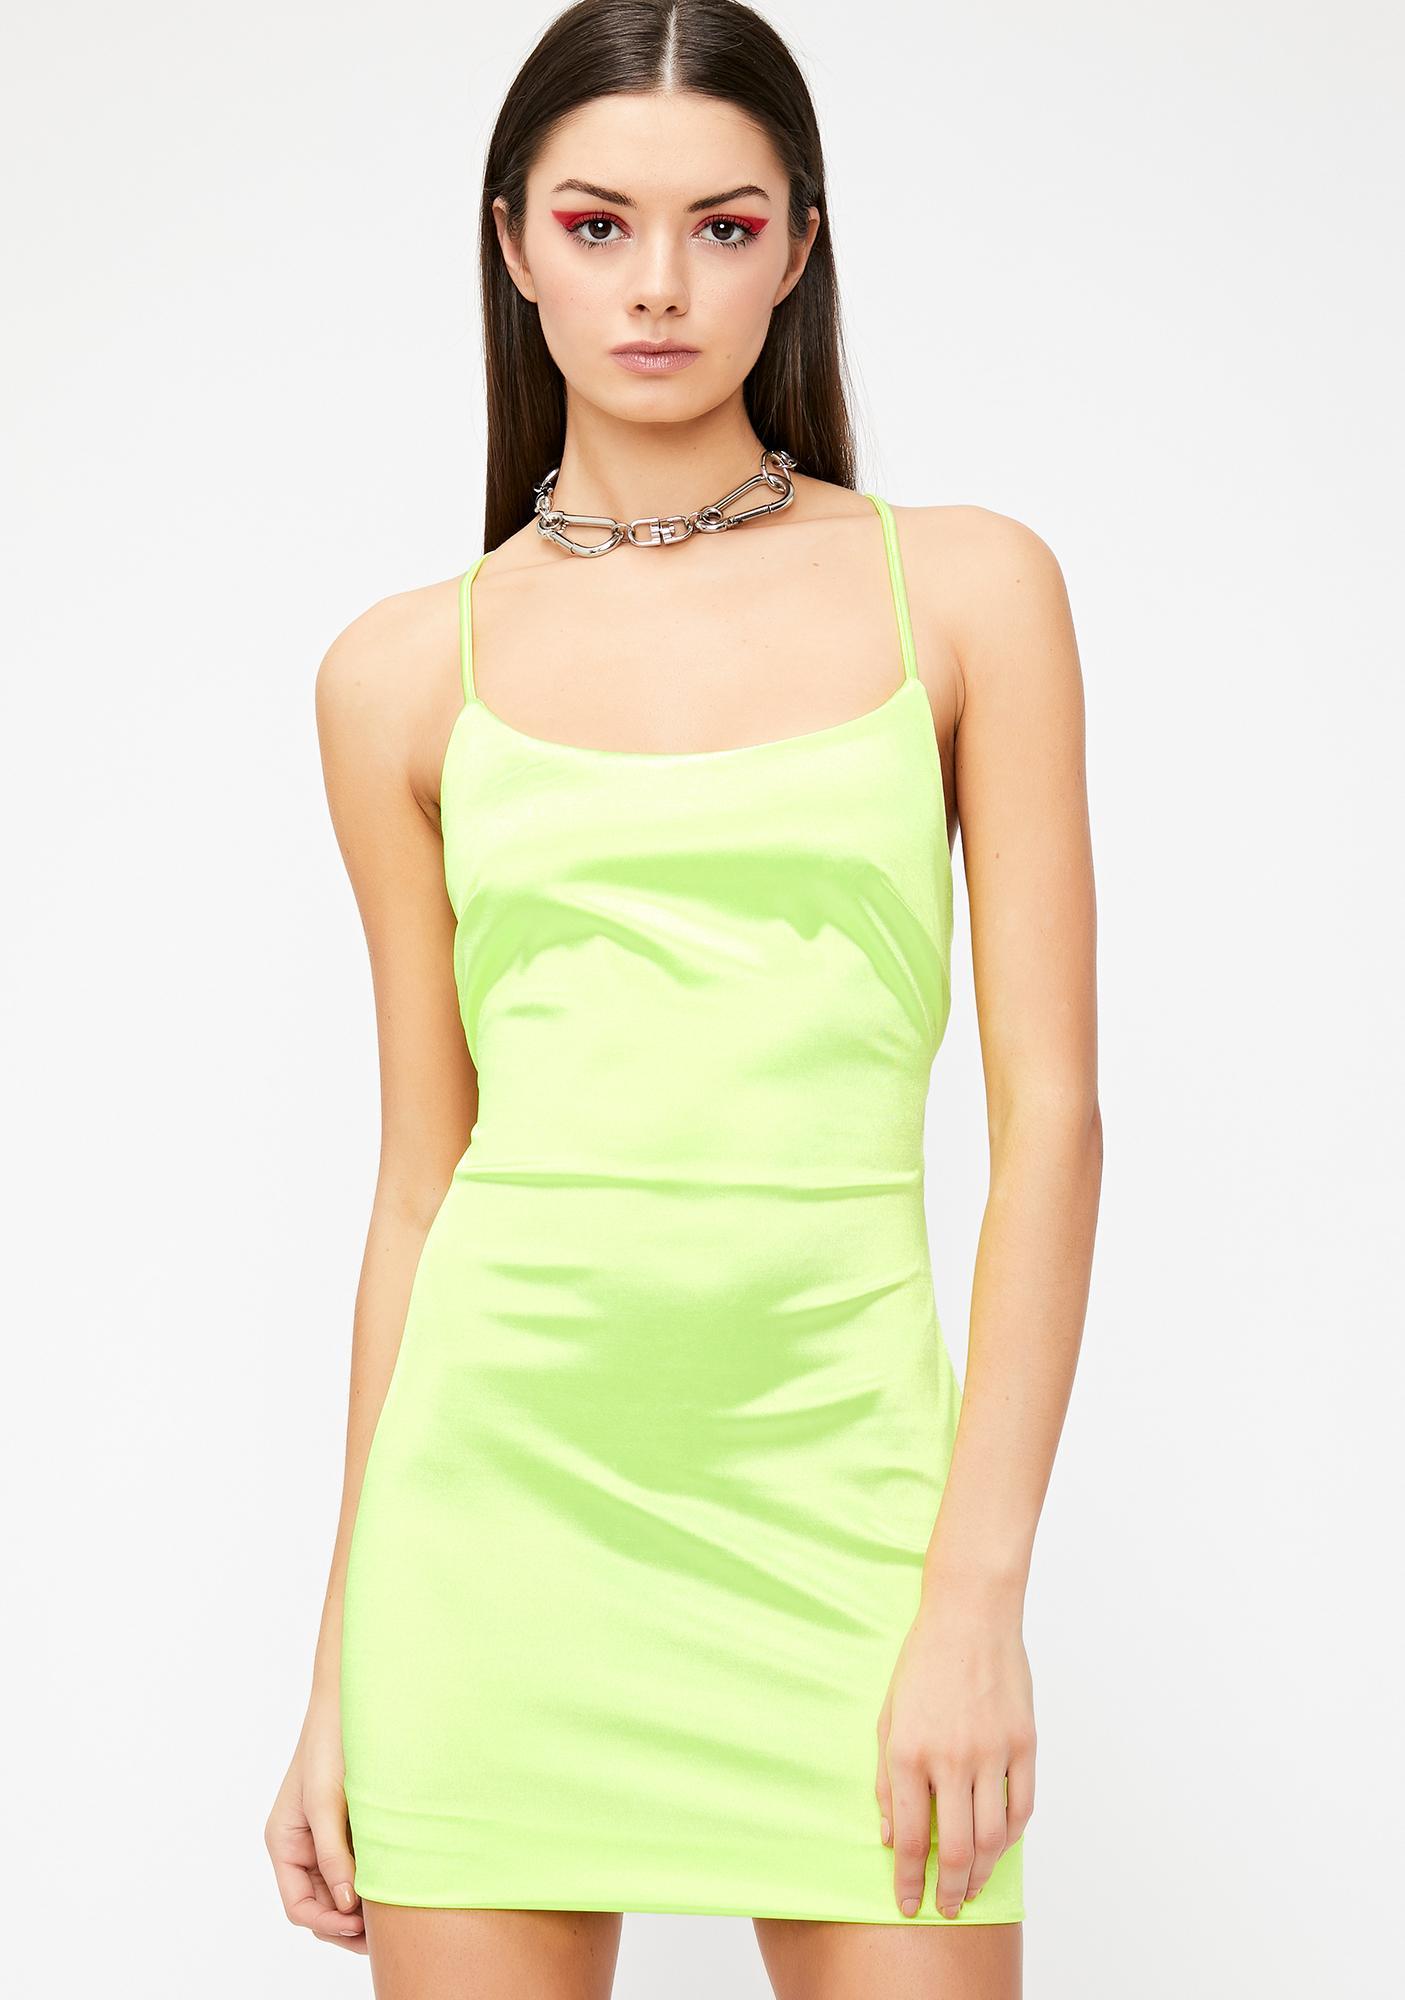 7b60c32e02b7 Green Stretch Satin Mini Dress